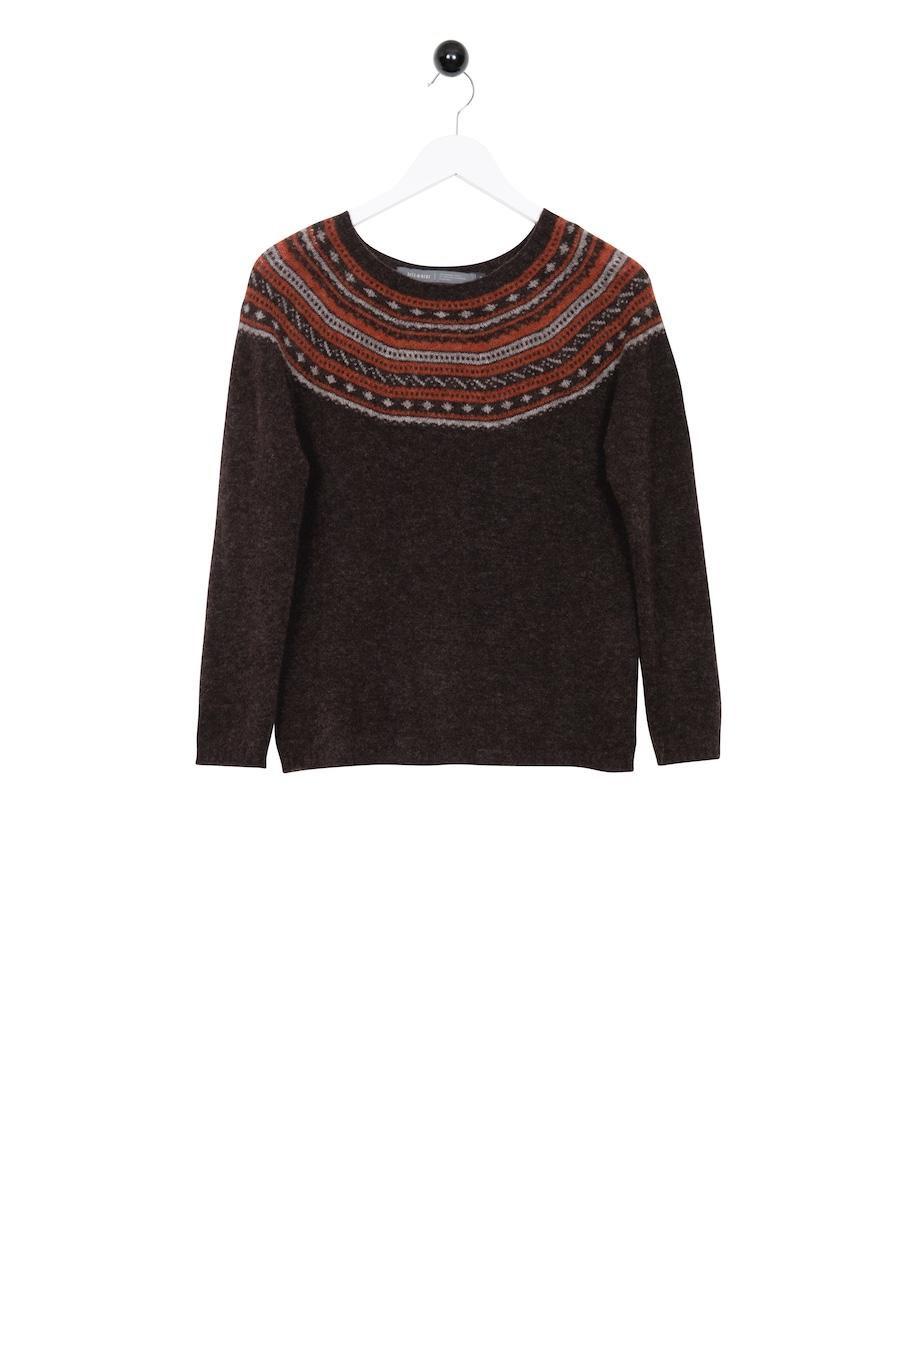 Fikon Sweater Pattern